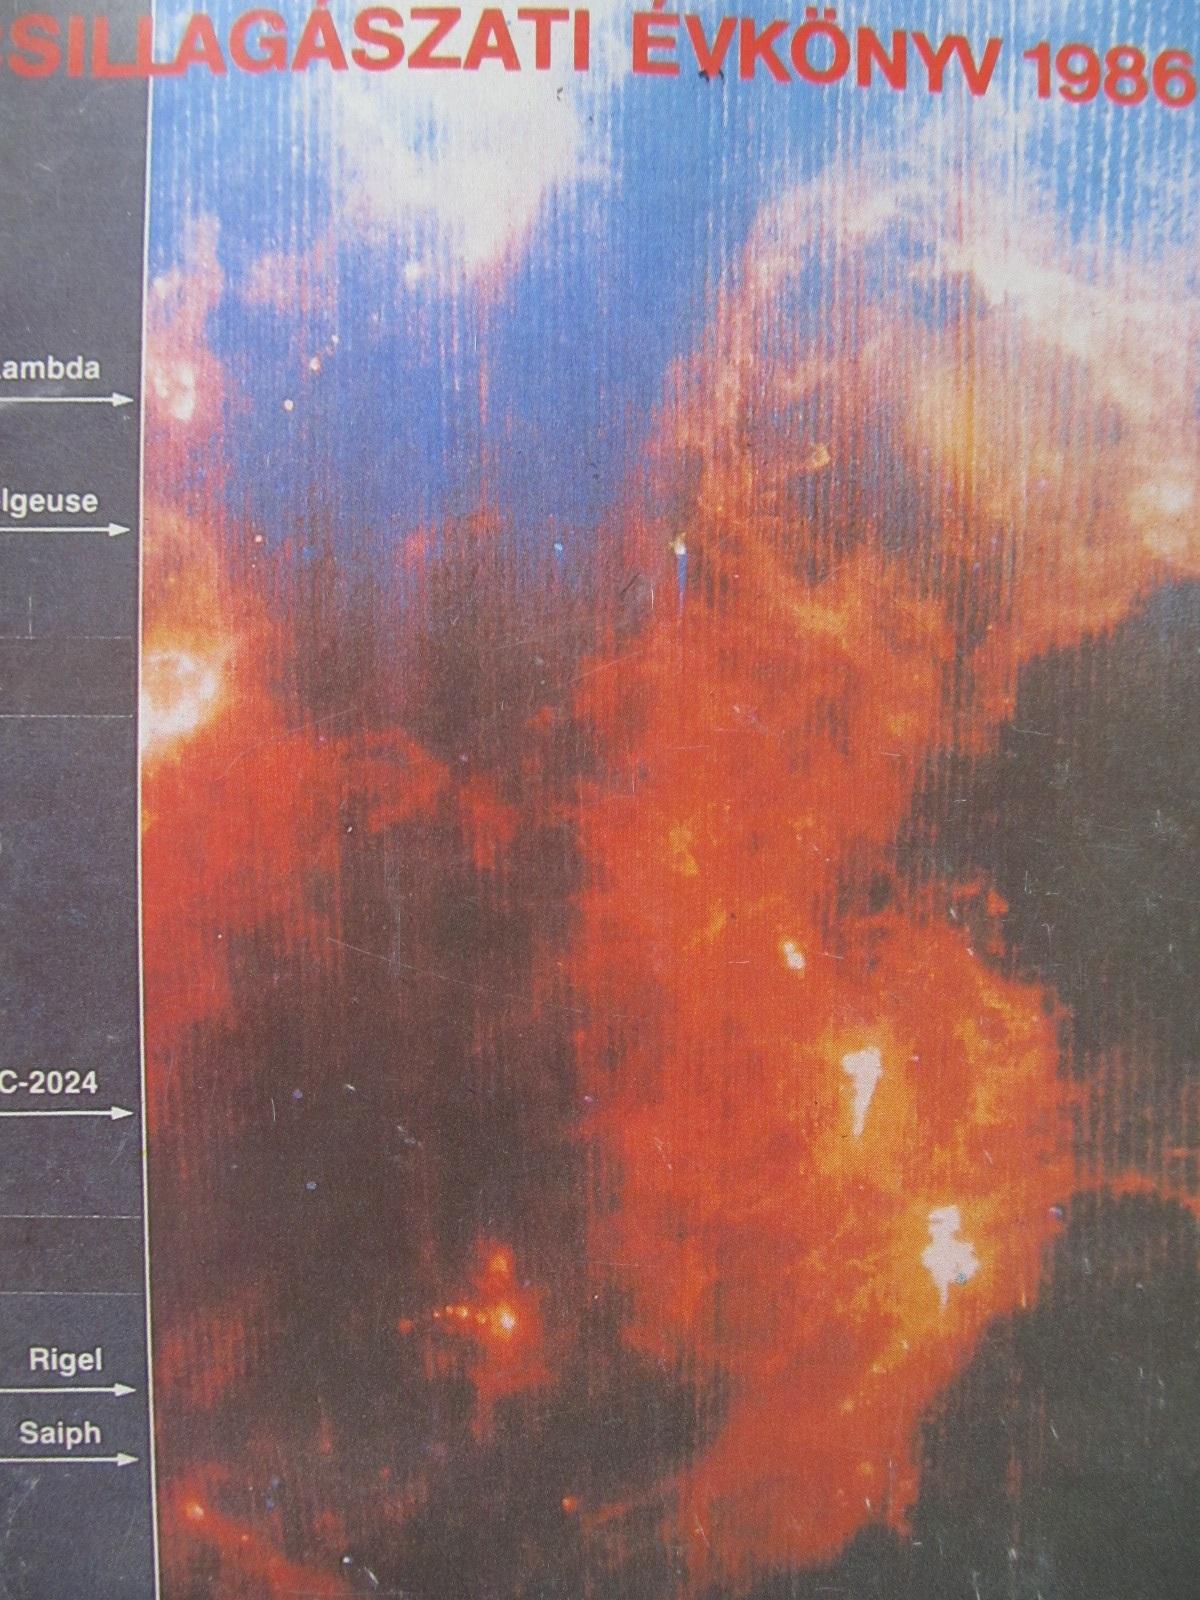 Csillagaszati evkonyv 1986 - *** | Detalii carte